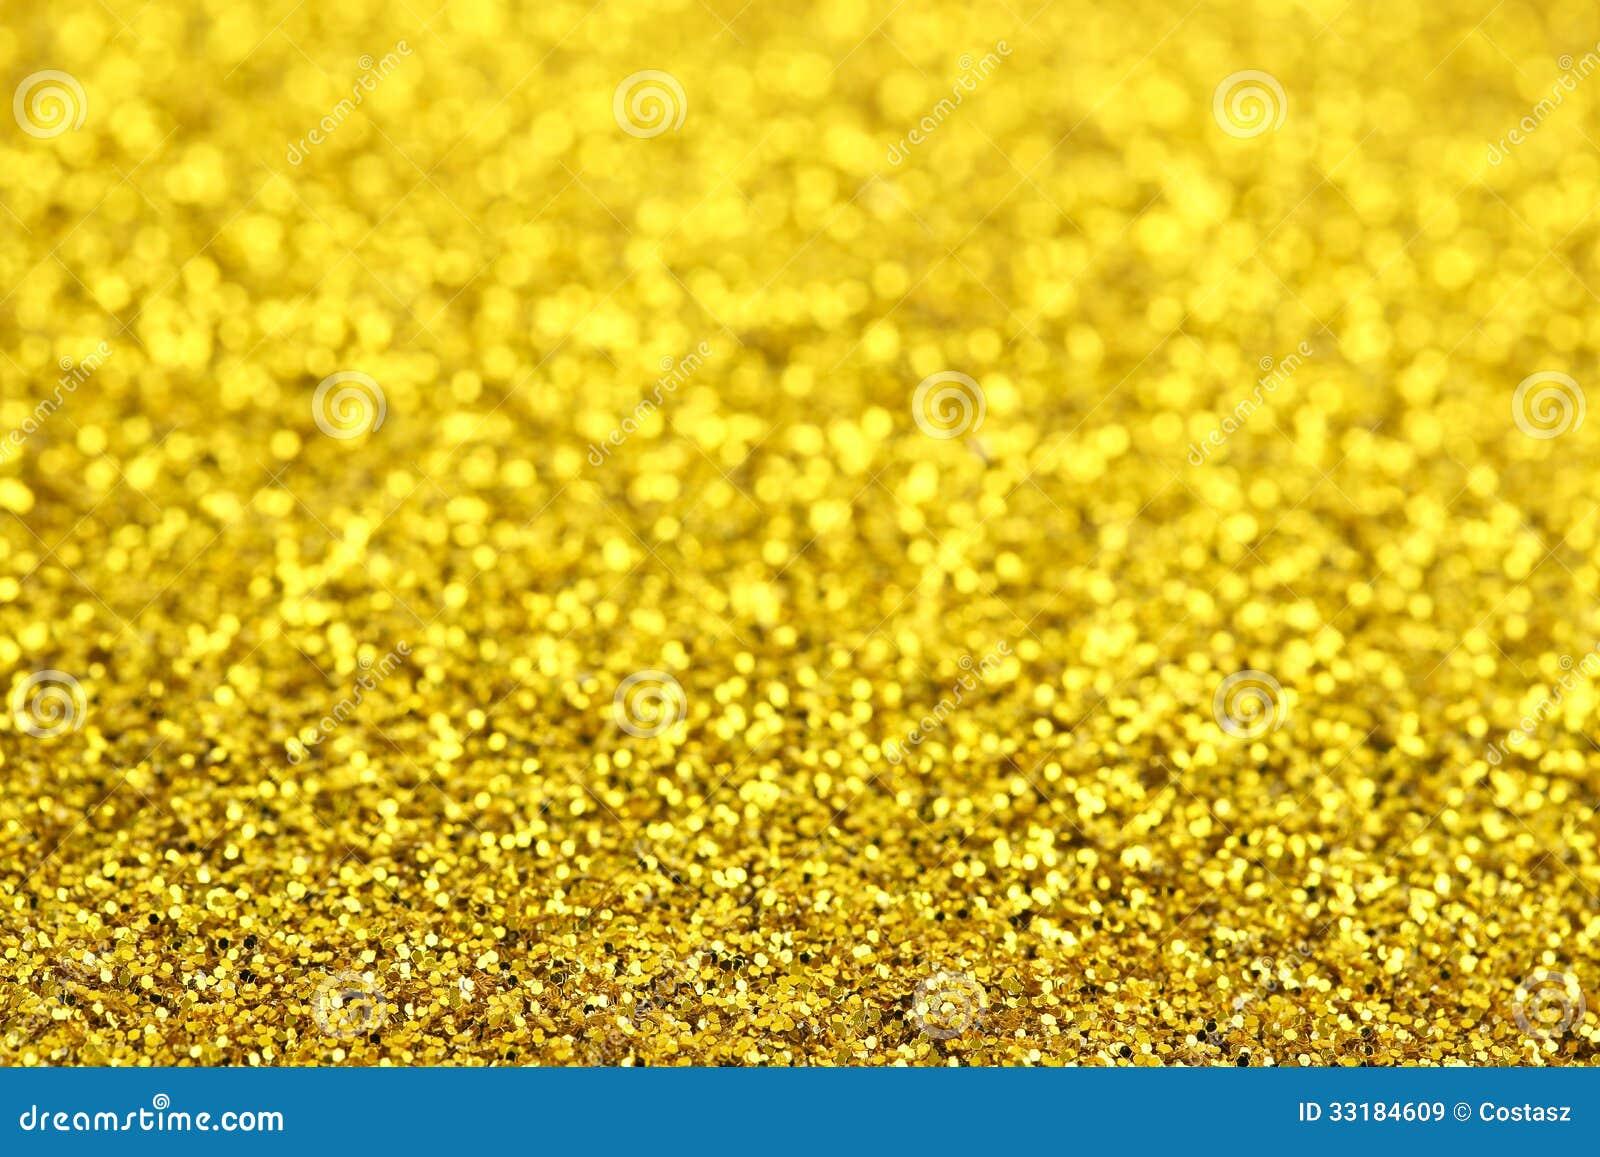 Brilho dourado